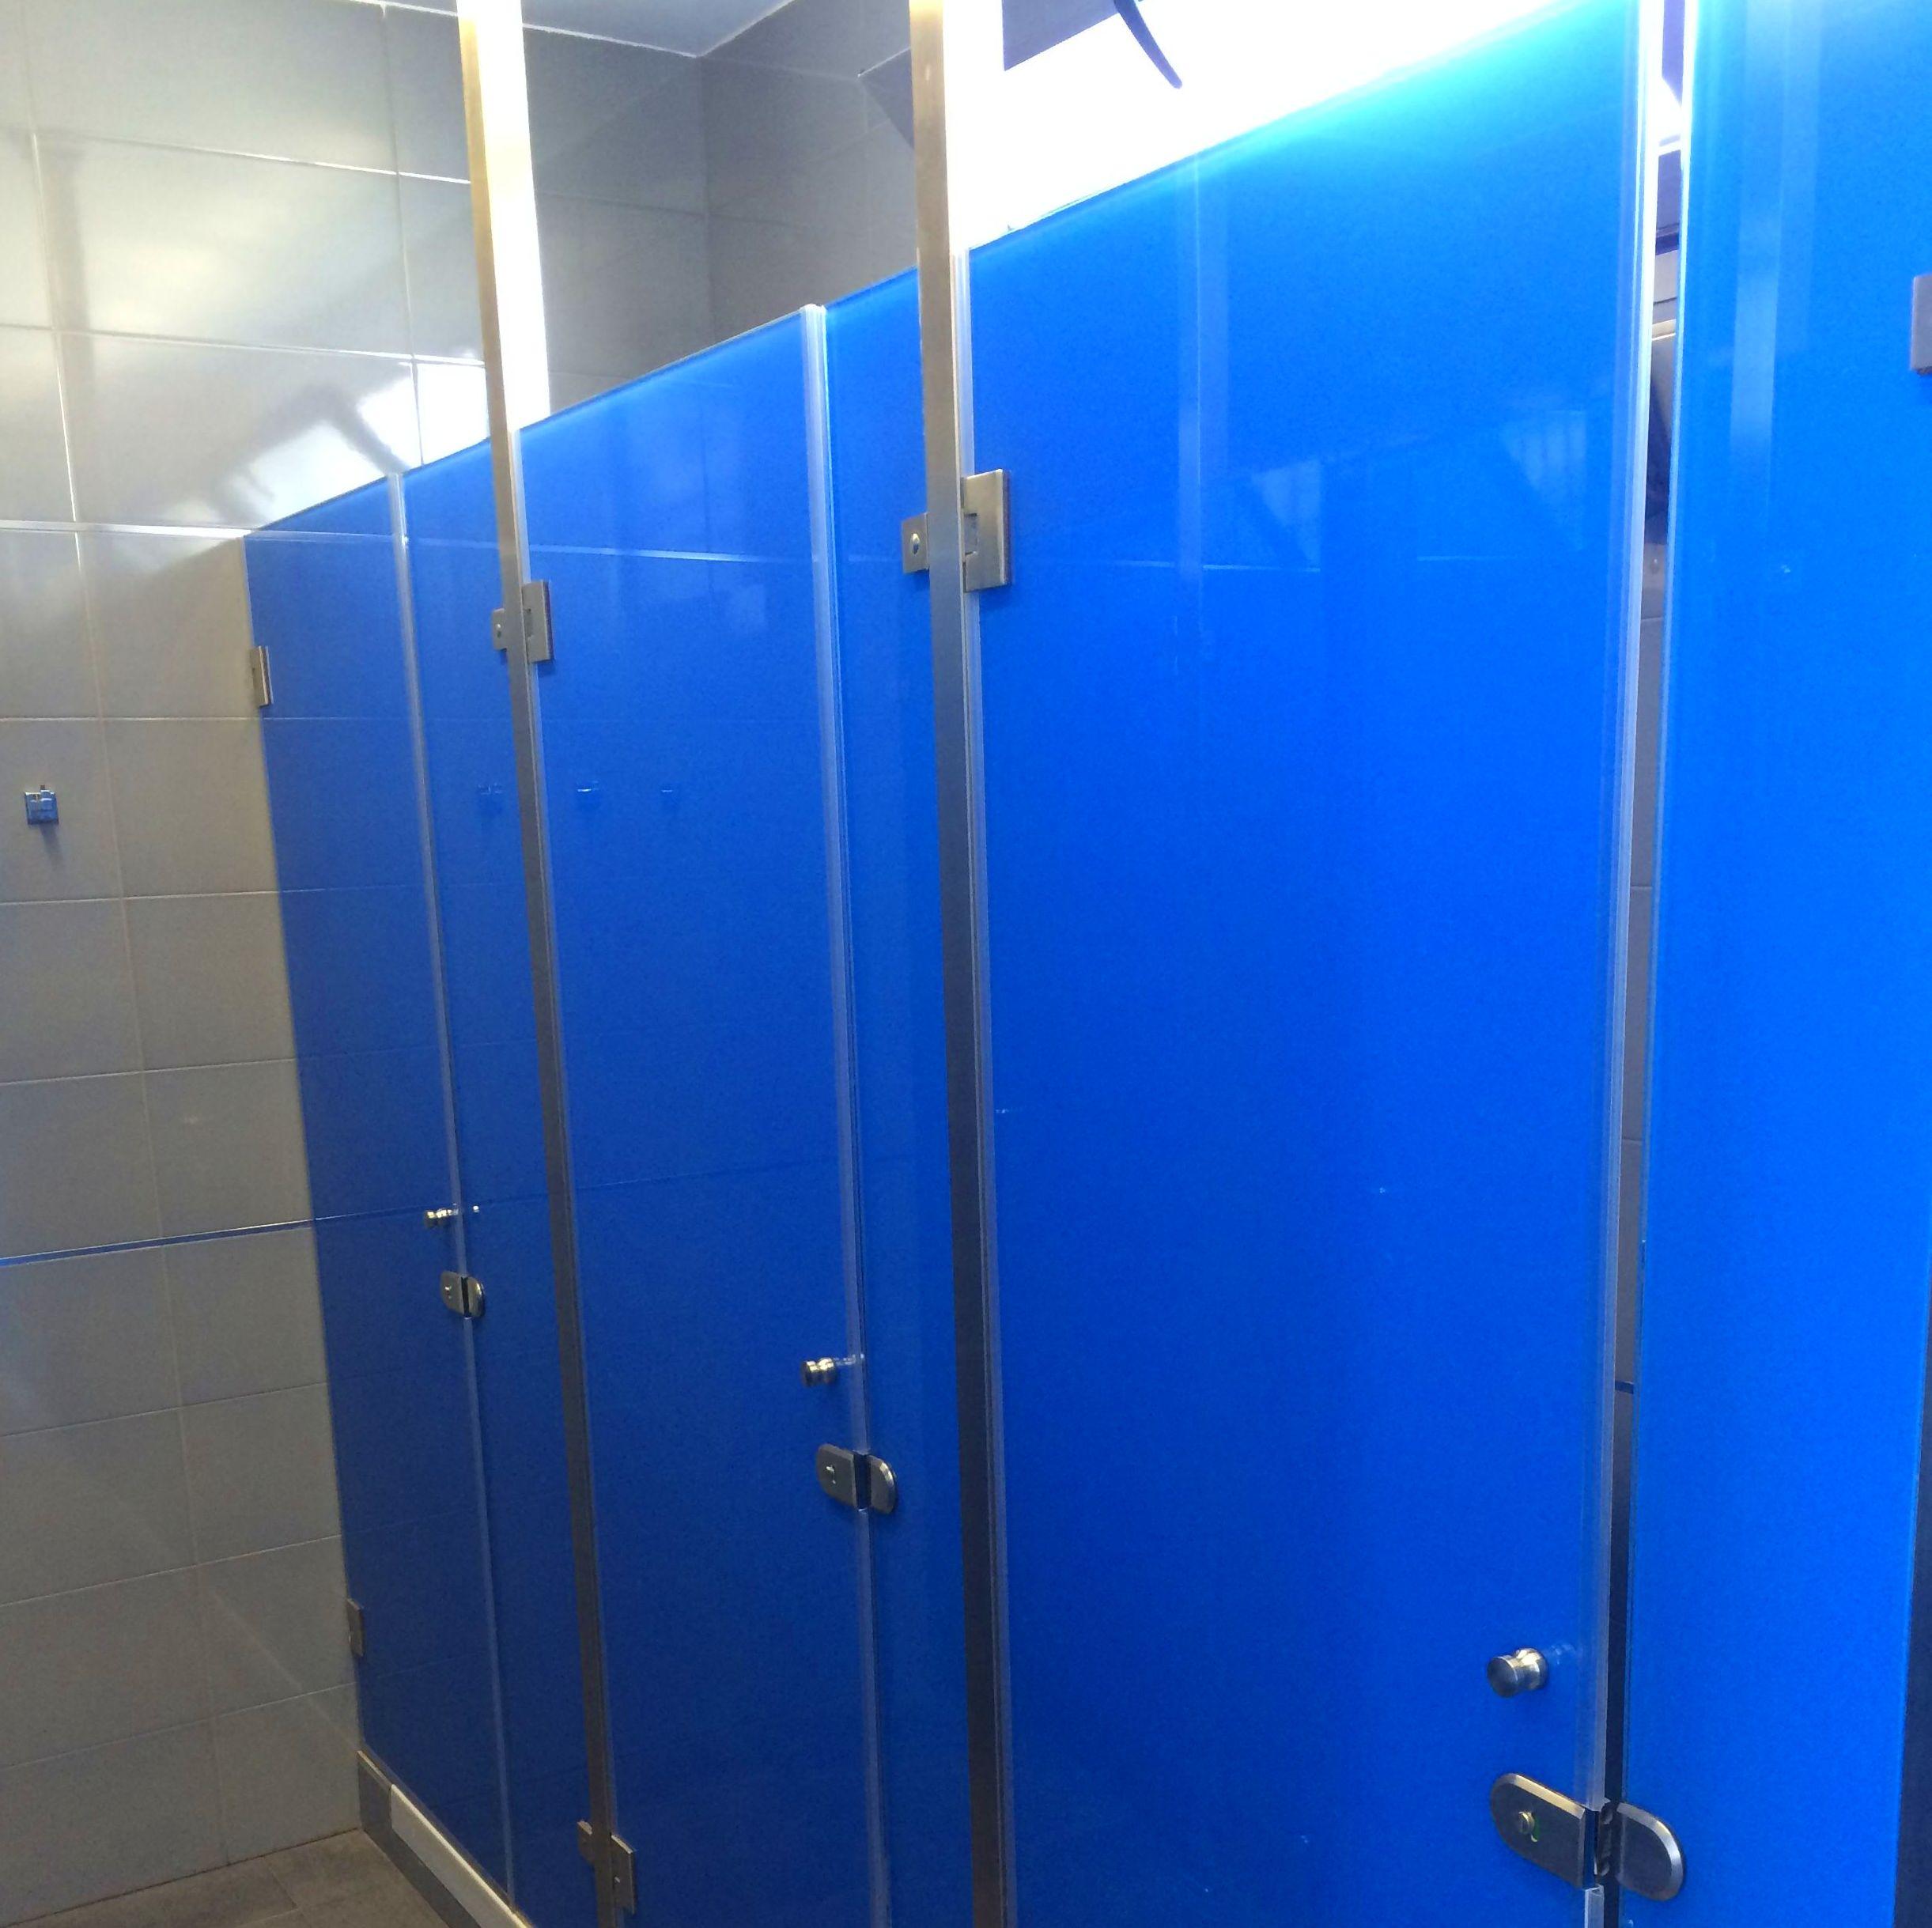 Divisorias de cristal templado para duchas en color